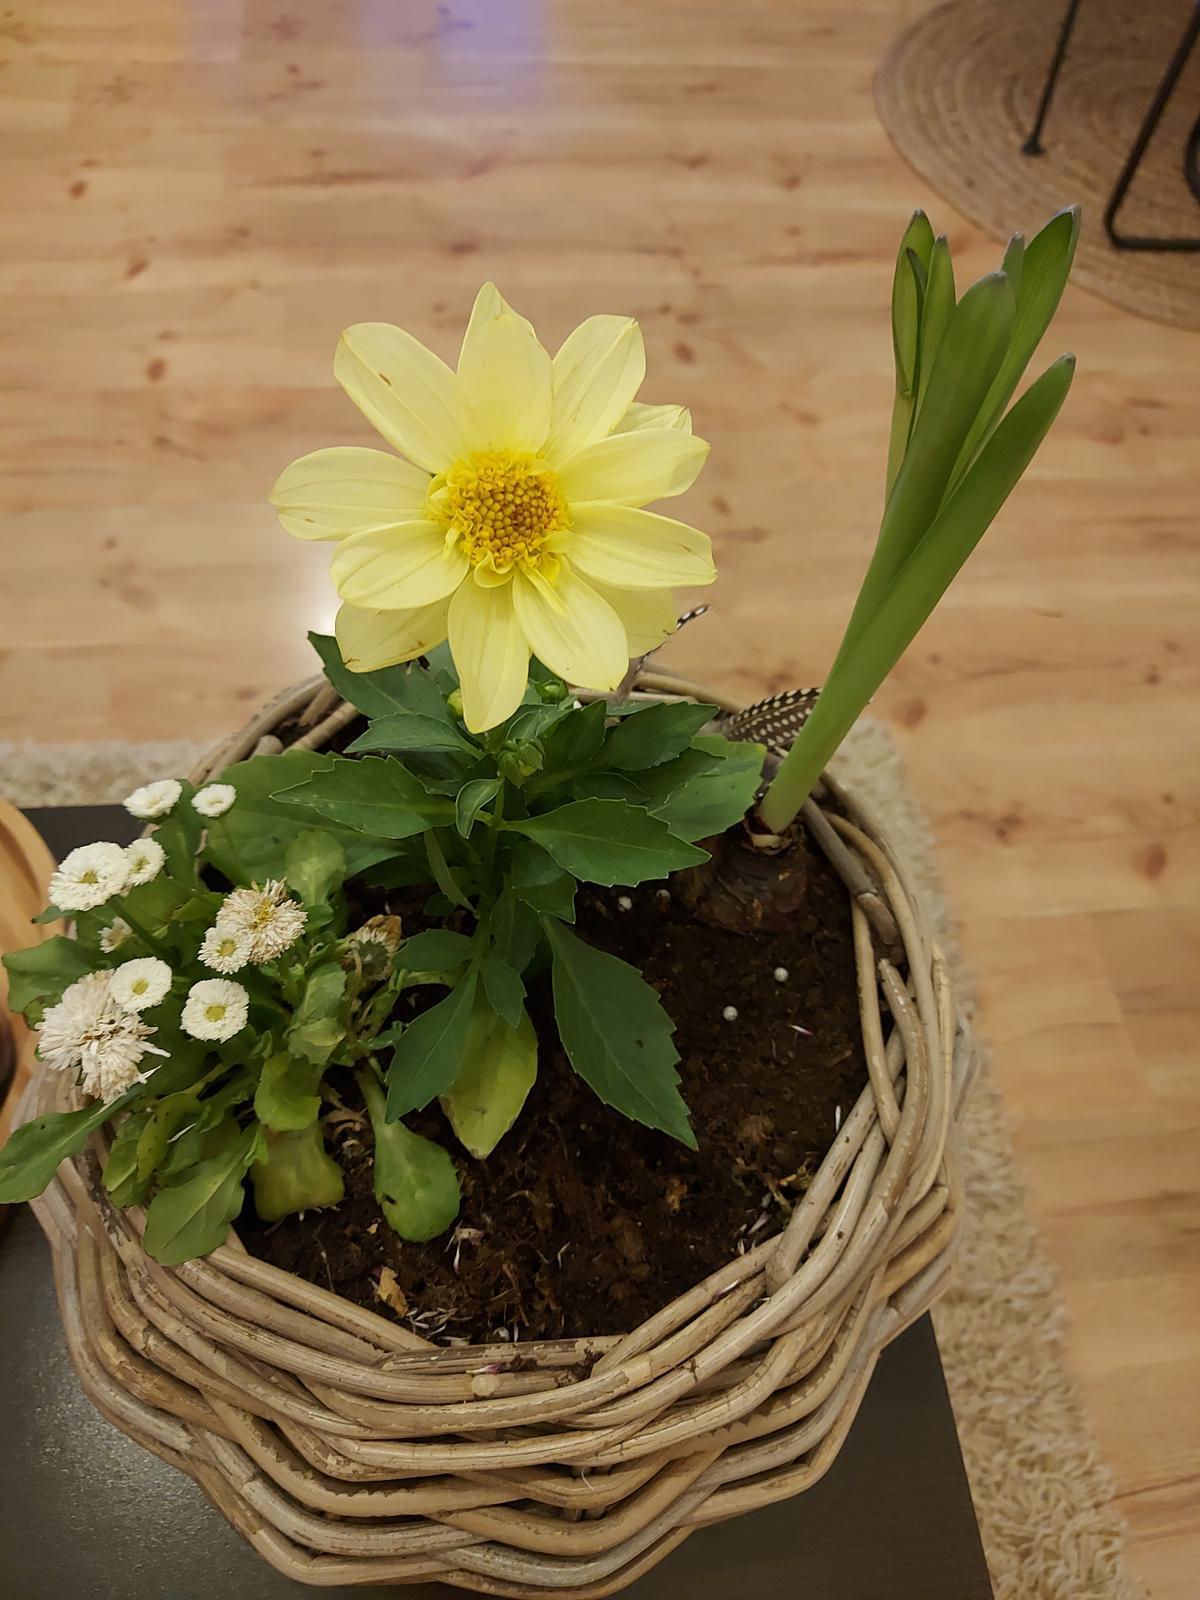 Moje jarné radosti🌺 - Sedmikrásky a hyacint dokvitli .....